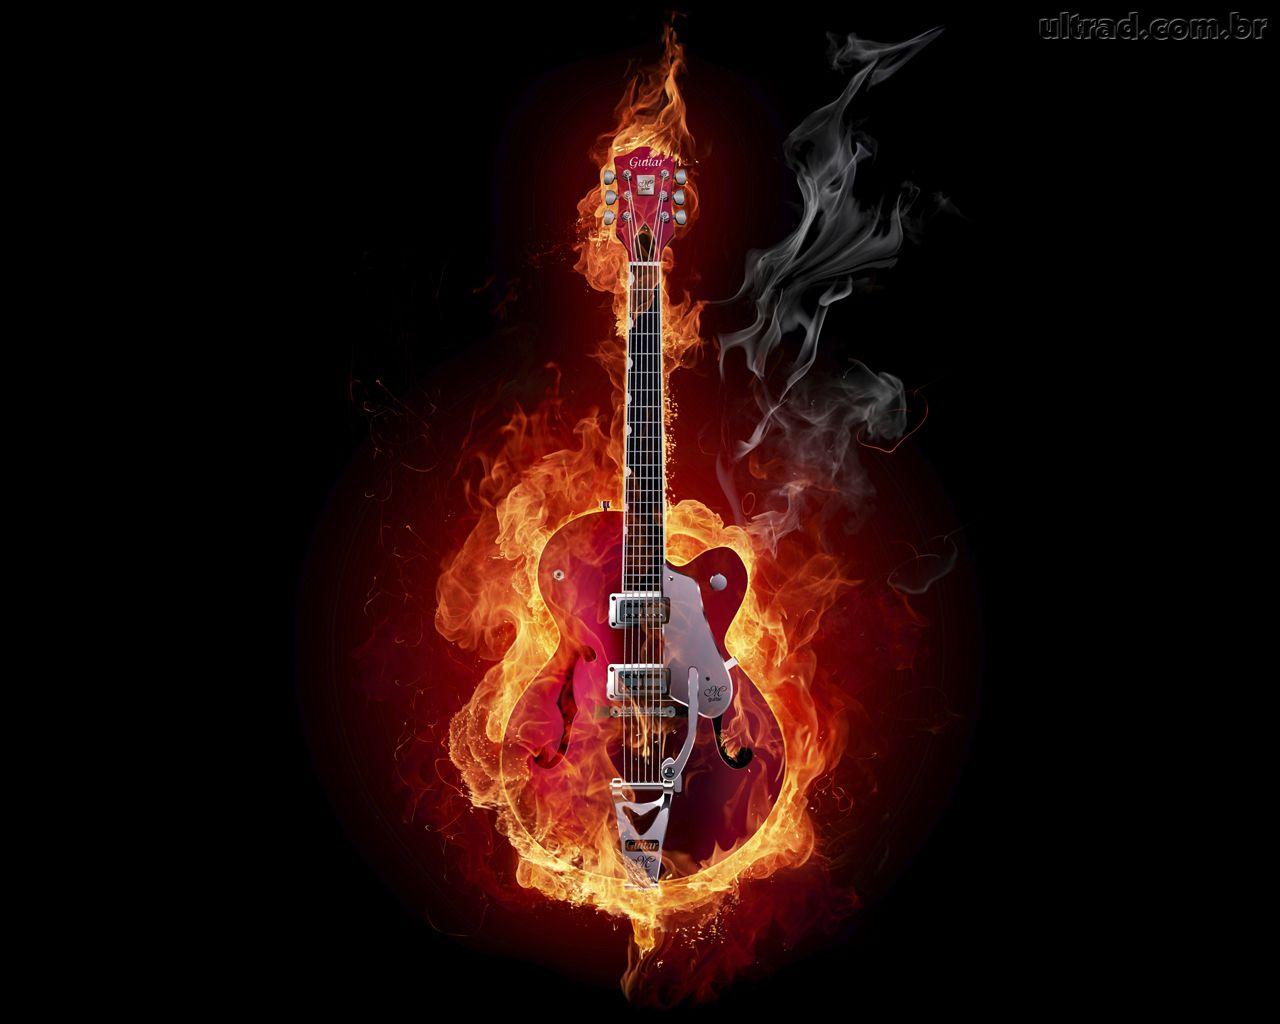 http://2.bp.blogspot.com/-LjiGO22R0i0/TcdKqCJeklI/AAAAAAAAA2E/hsqJ4b9GW-o/s1600/116844_Papel-de-Parede-Fogo-na-guitarra_1280x10242.jpg